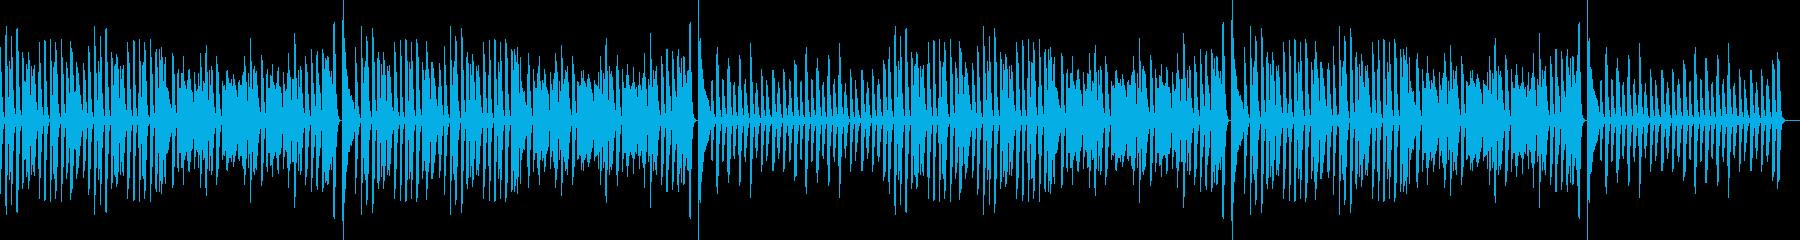 YouTube・会話・トーク・楽しいの再生済みの波形